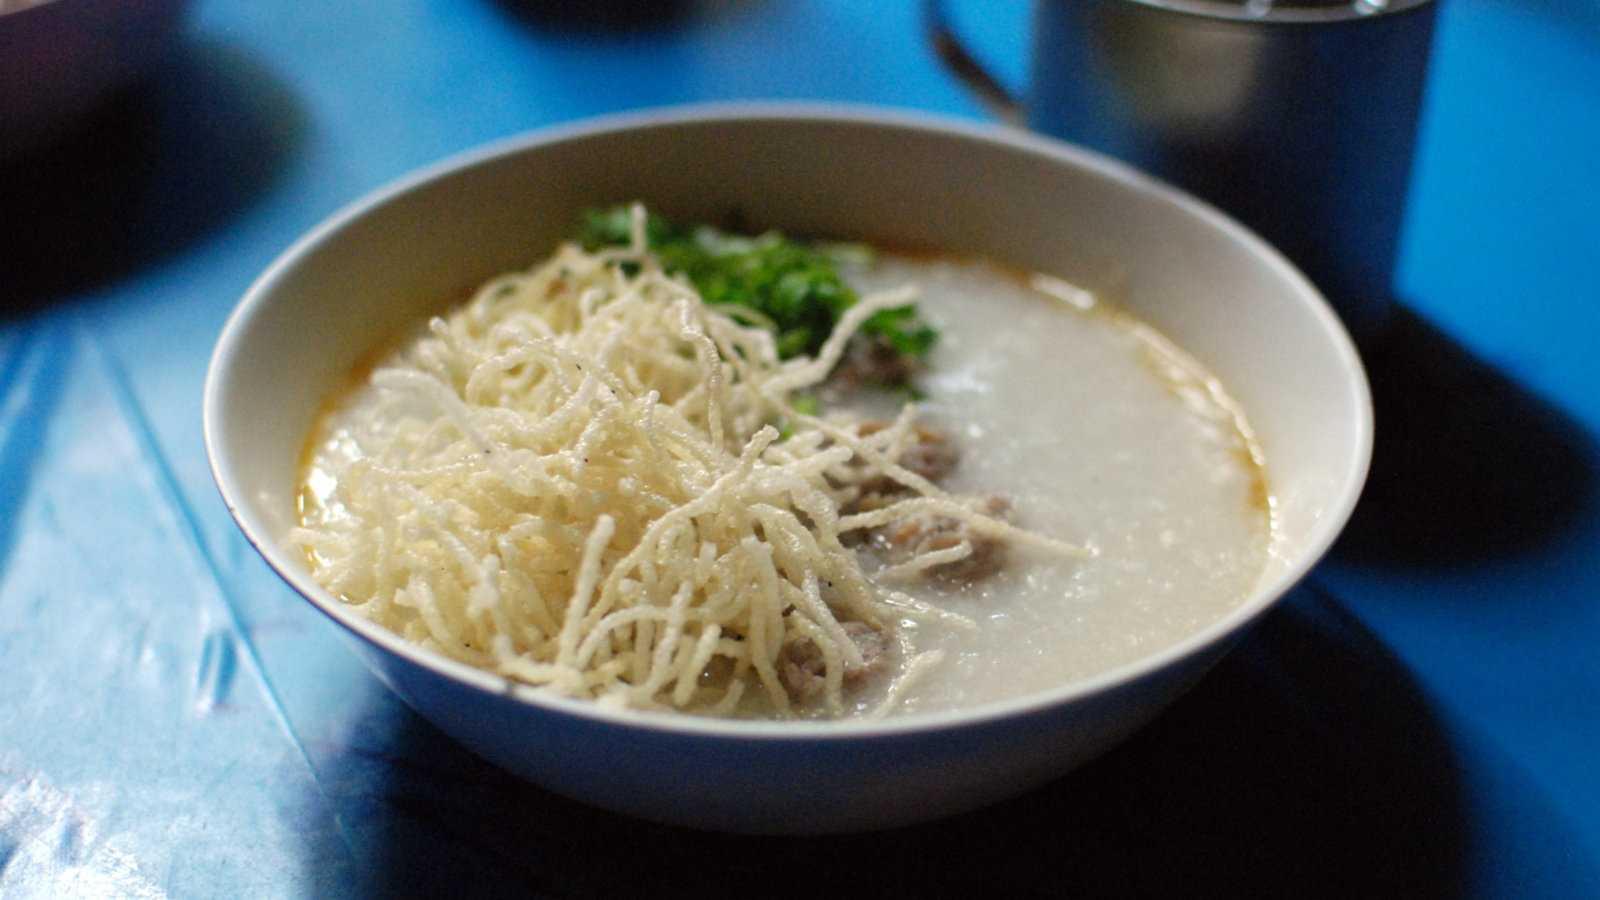 Jok é a versão tailandesa de um mingau de arroz ou congee, e geralmente servido no café da manhã